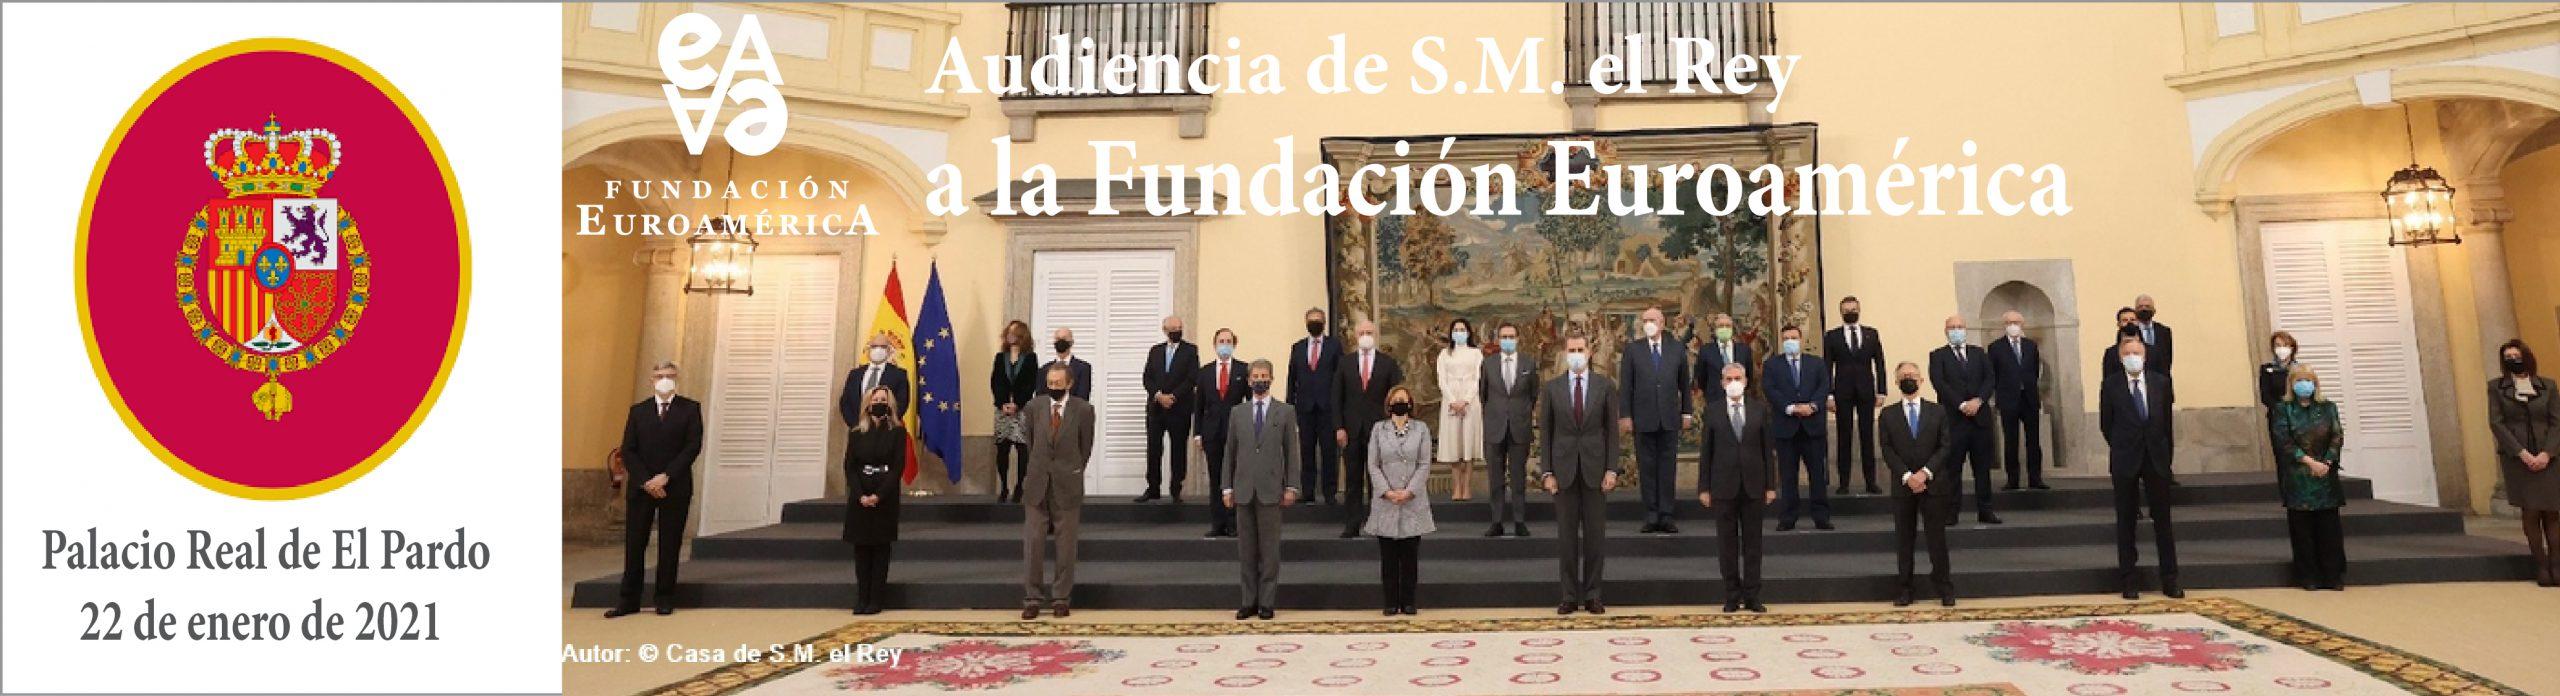 Audiencia de S.M. el Rey a la F. Euroamérica